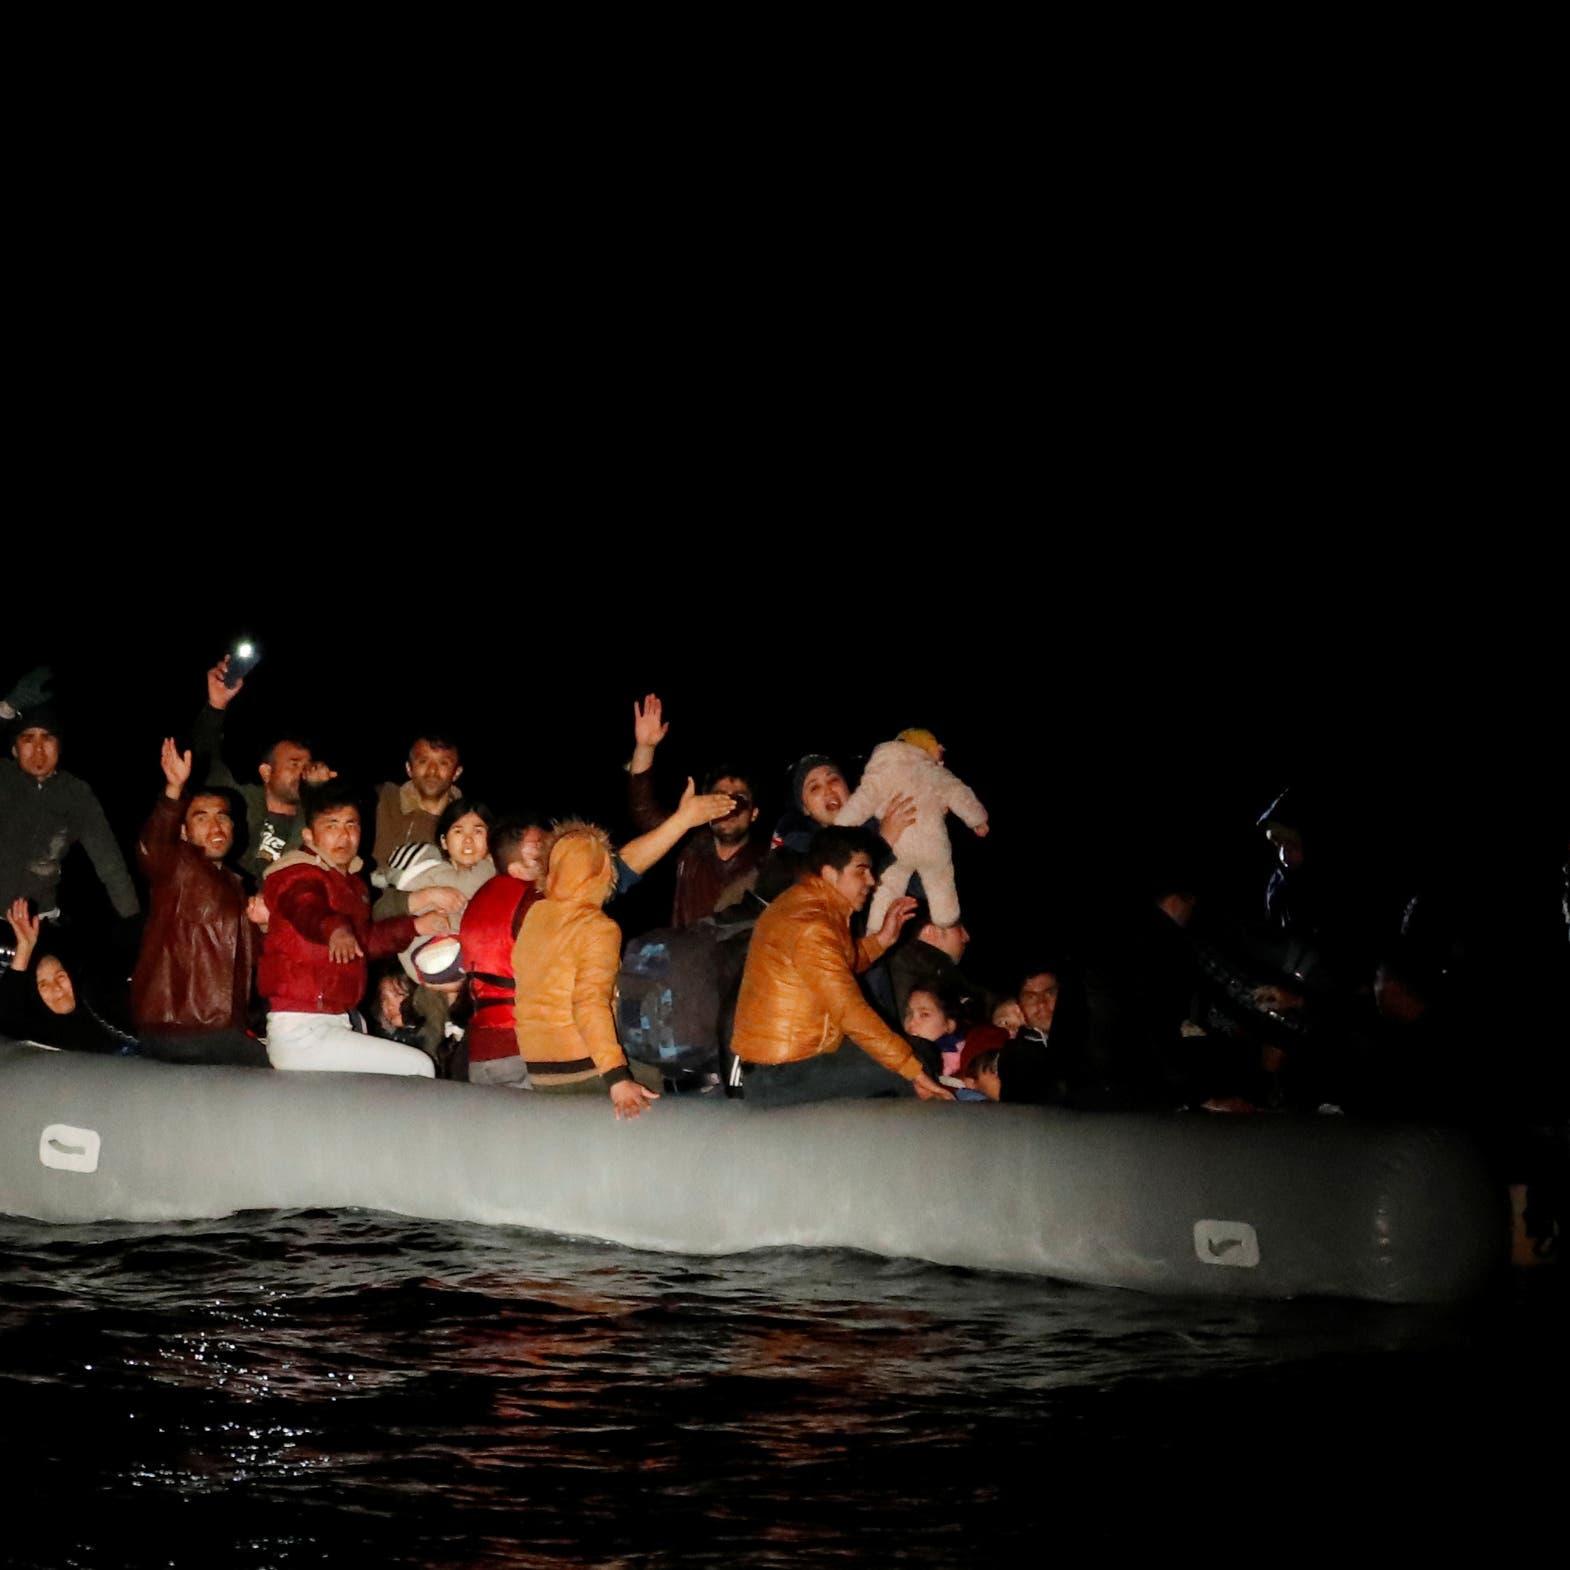 أردوغان يتراجع.. ويمنع المهاجرينمن عبور بحر إيجه